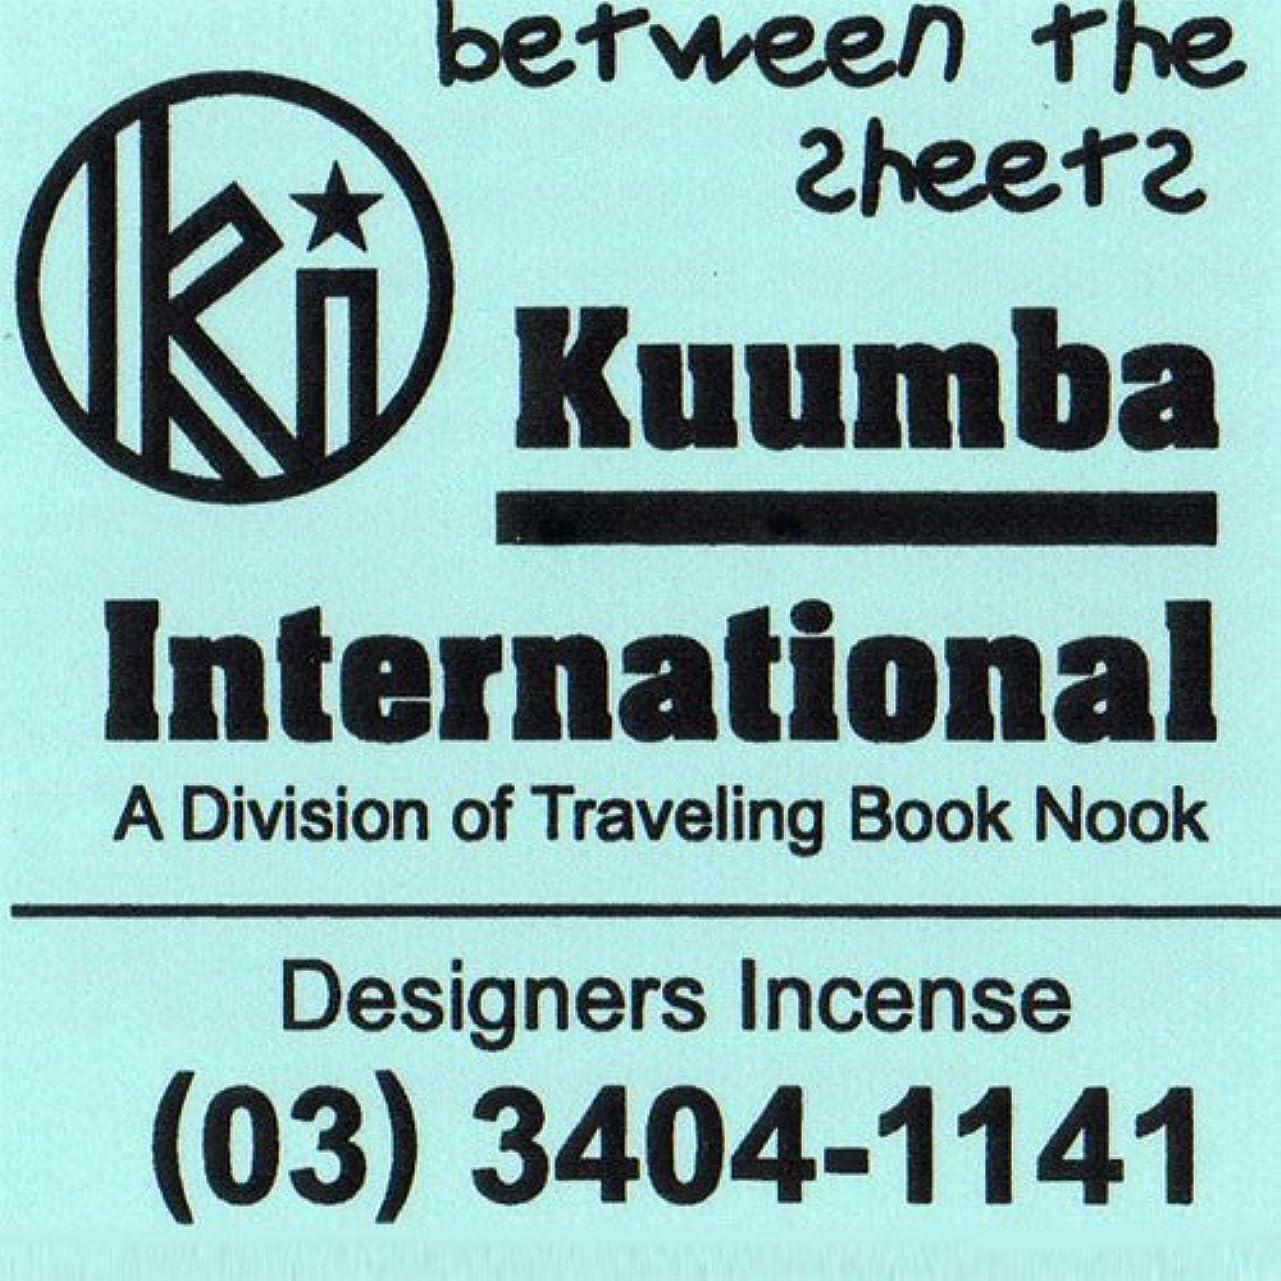 声を出して交換可能極地KUUMBA / クンバ『incense』(between the sheets) (Regular size)